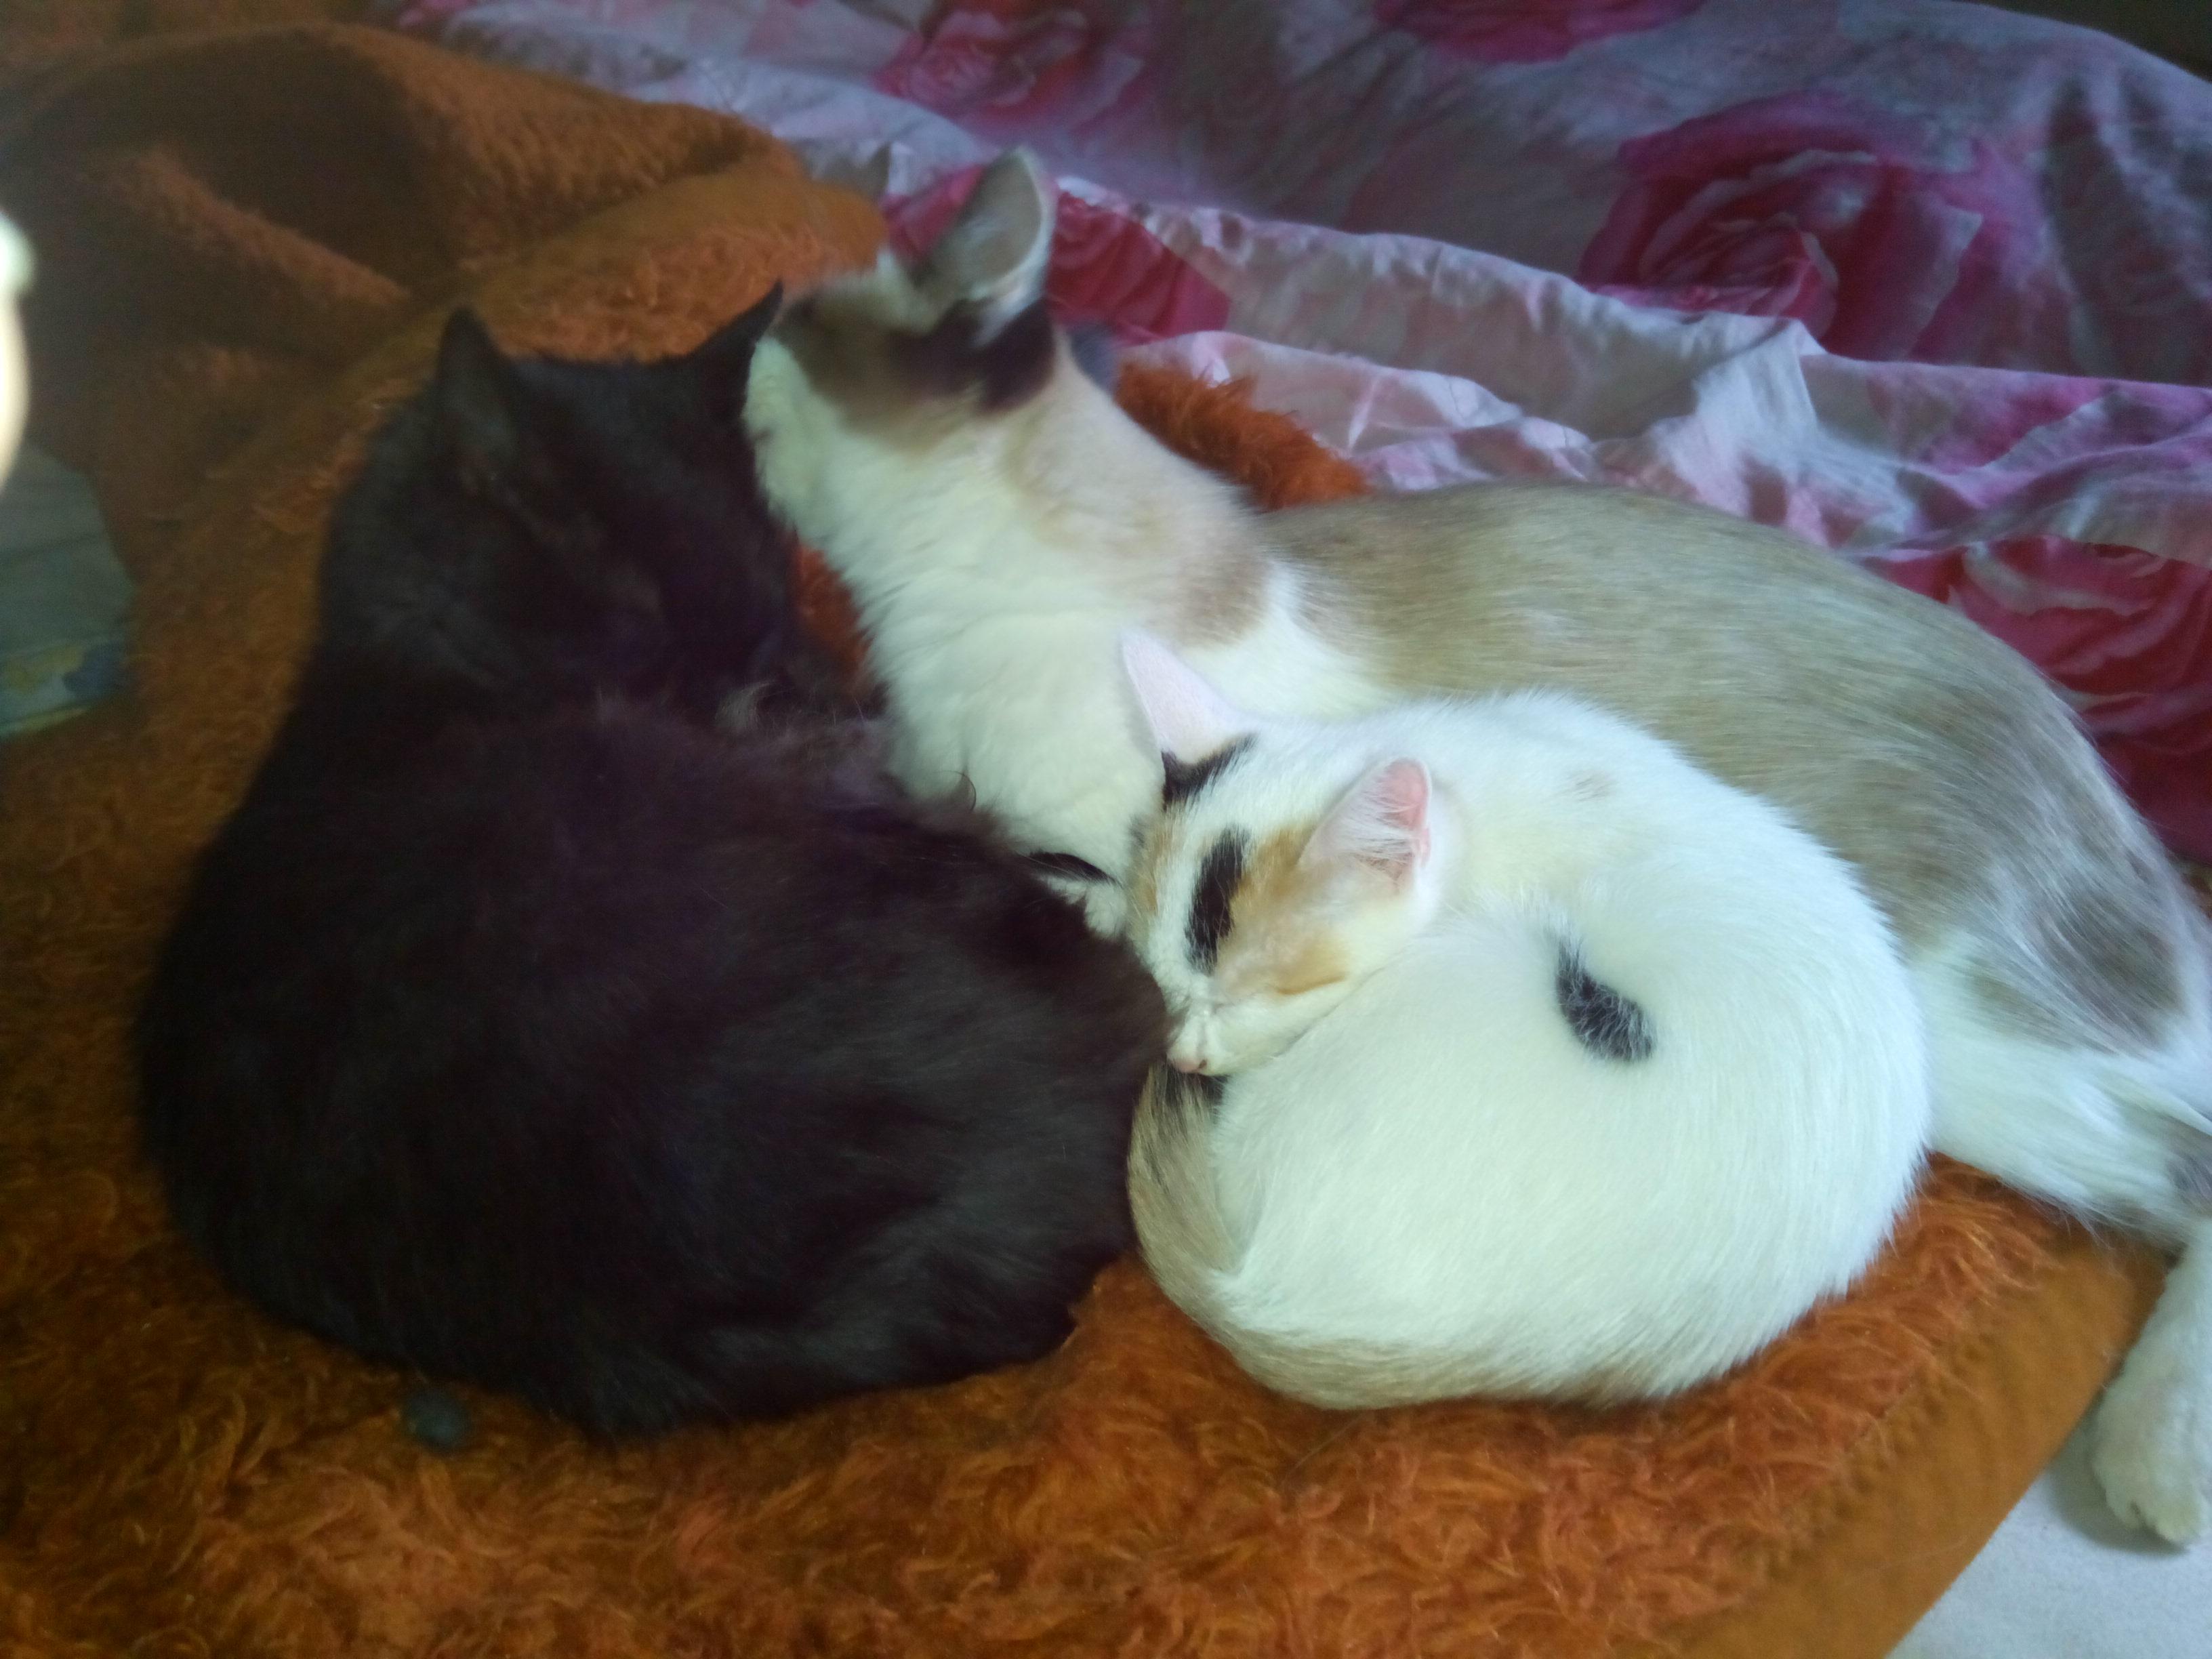 Домашние любимцы Кошки и Собаки - Страница 18 0211793001478516414